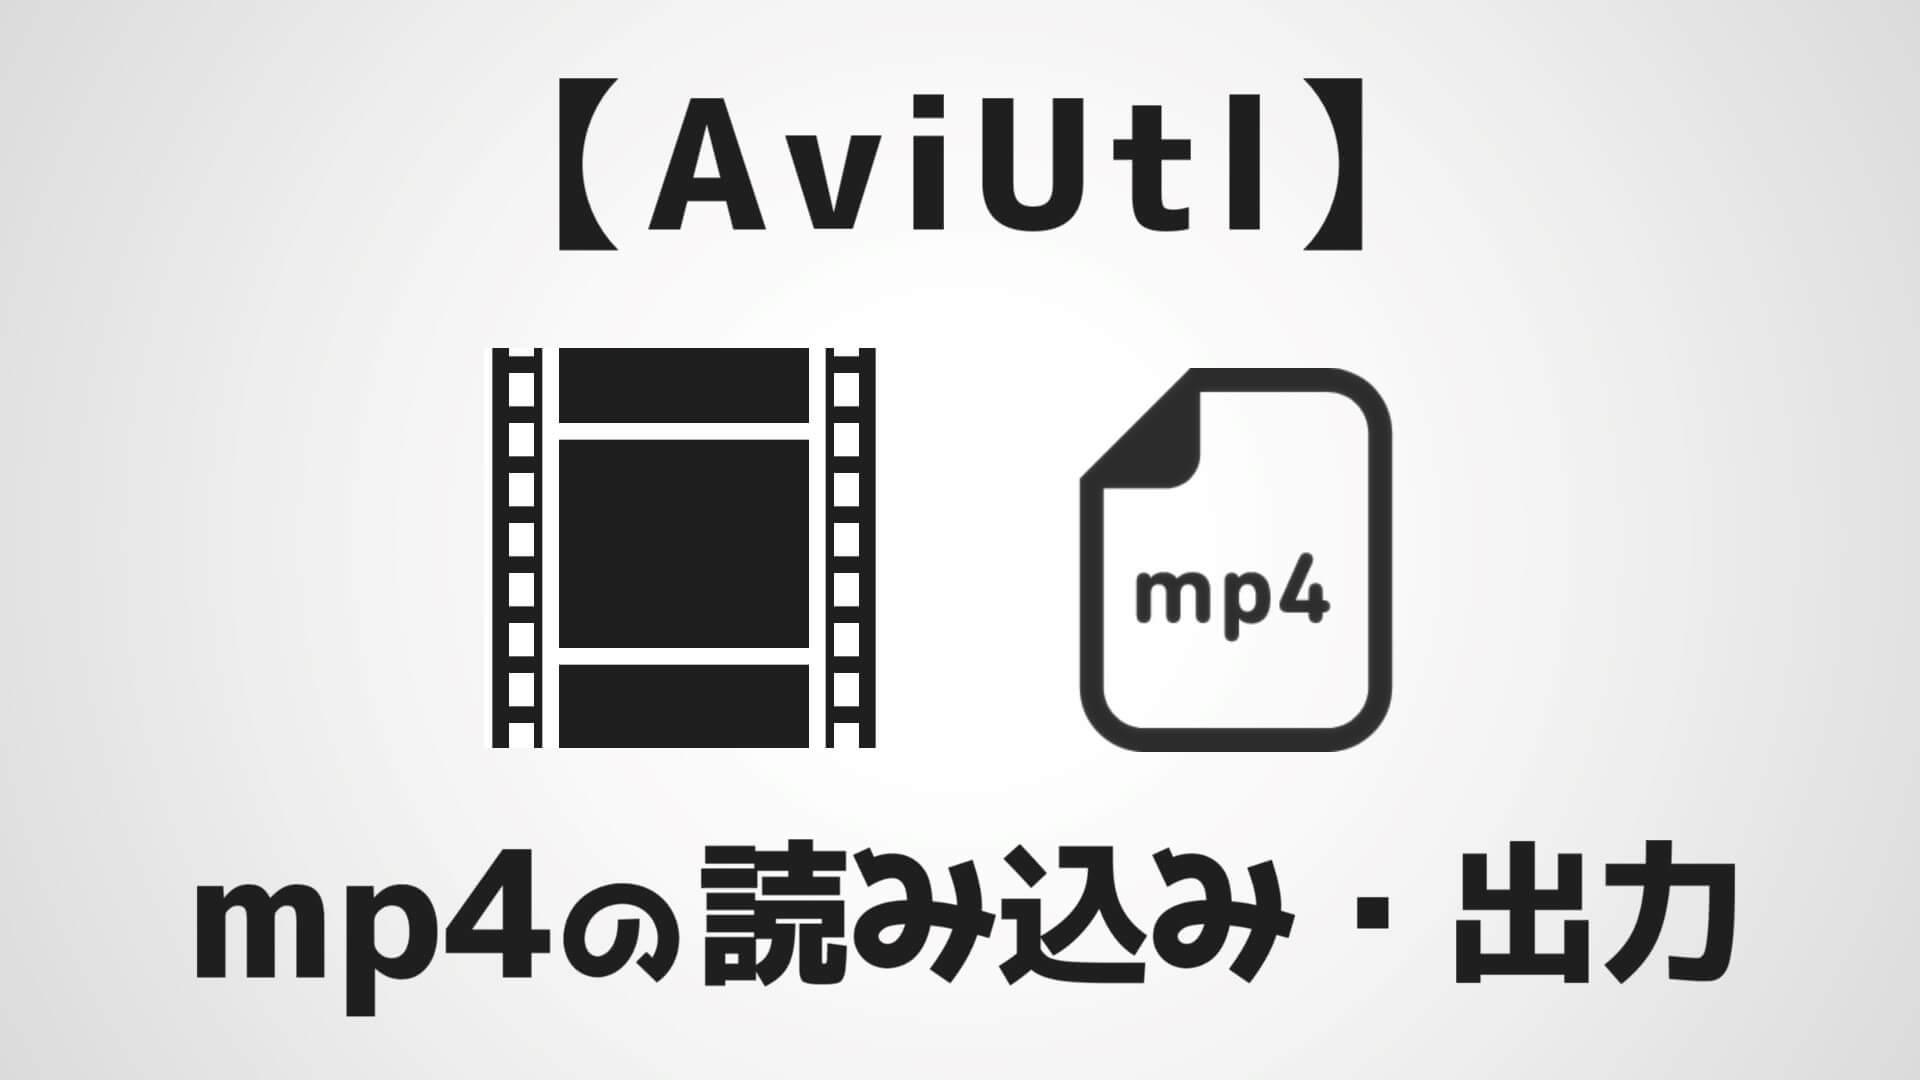 【AviUtl】MP4の読み込み・出力サムネイル